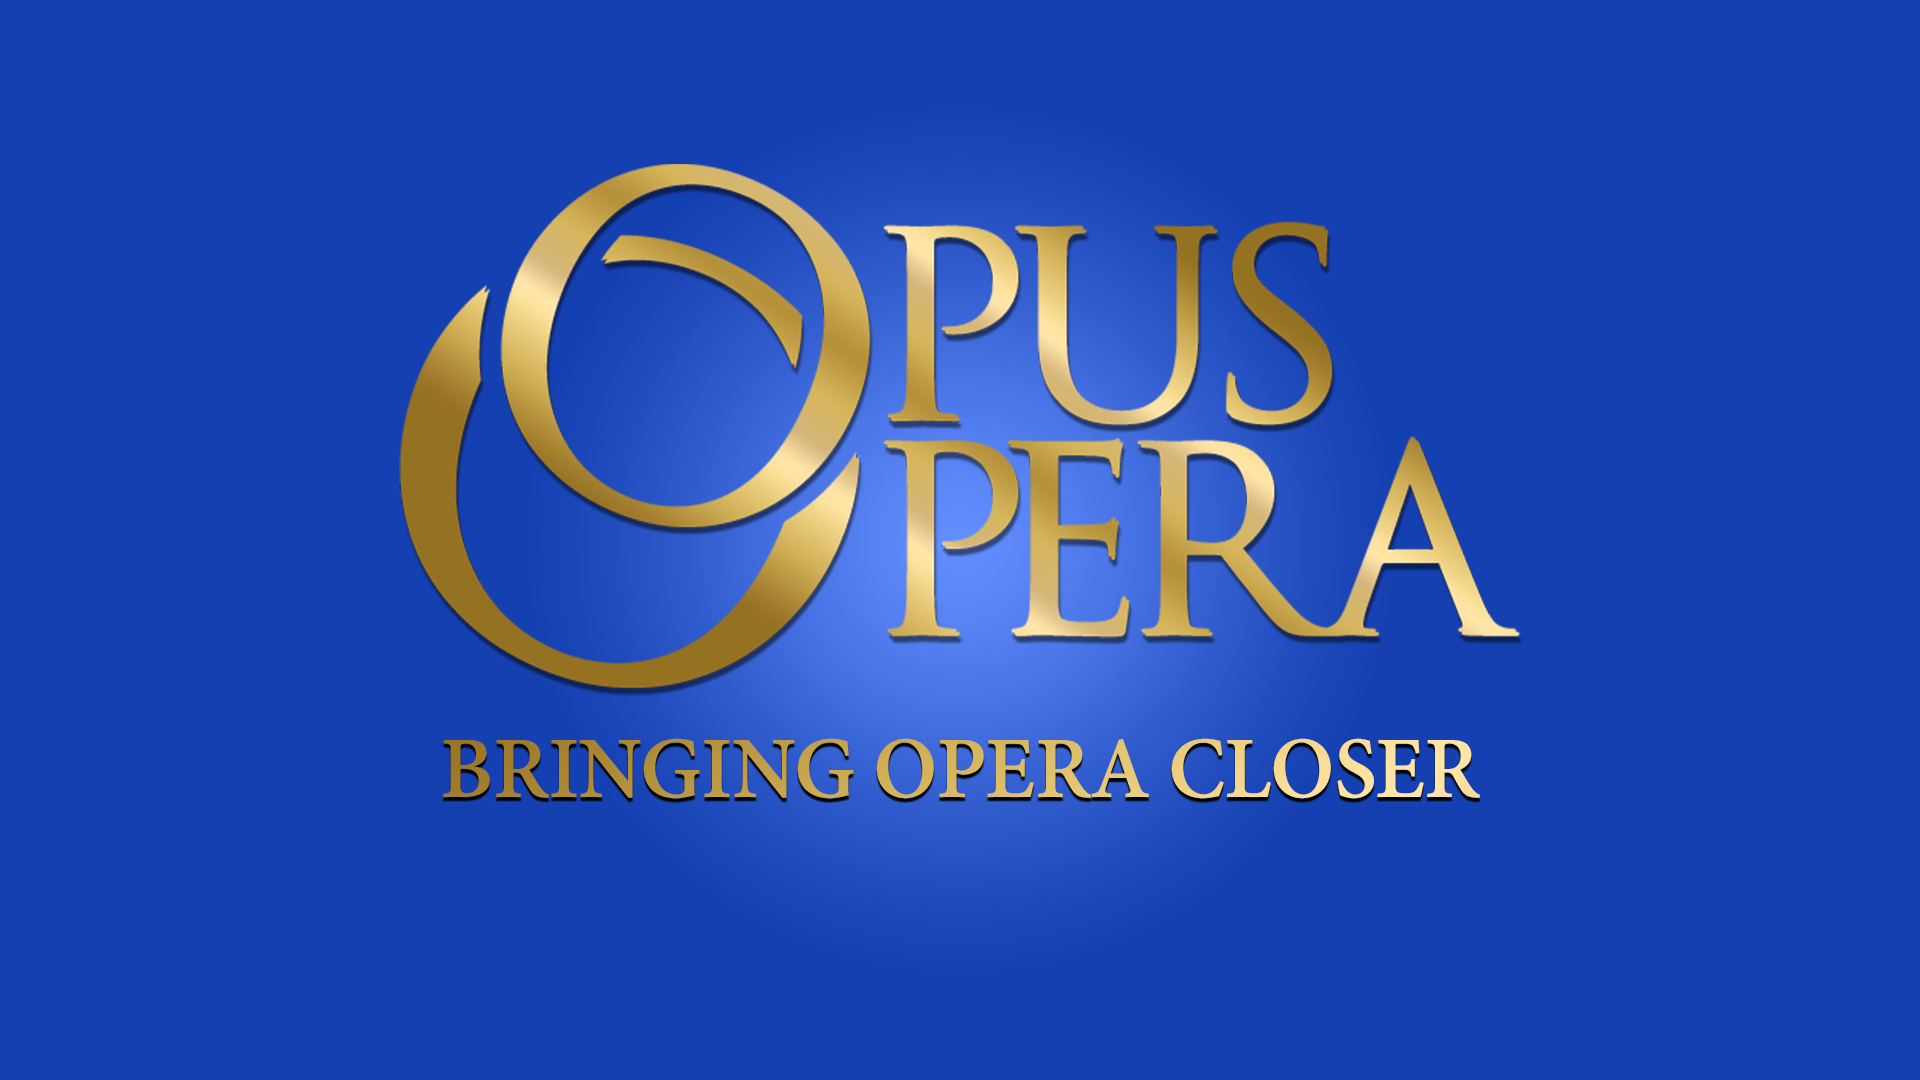 OpusOpera_Blue_logo_HD.png